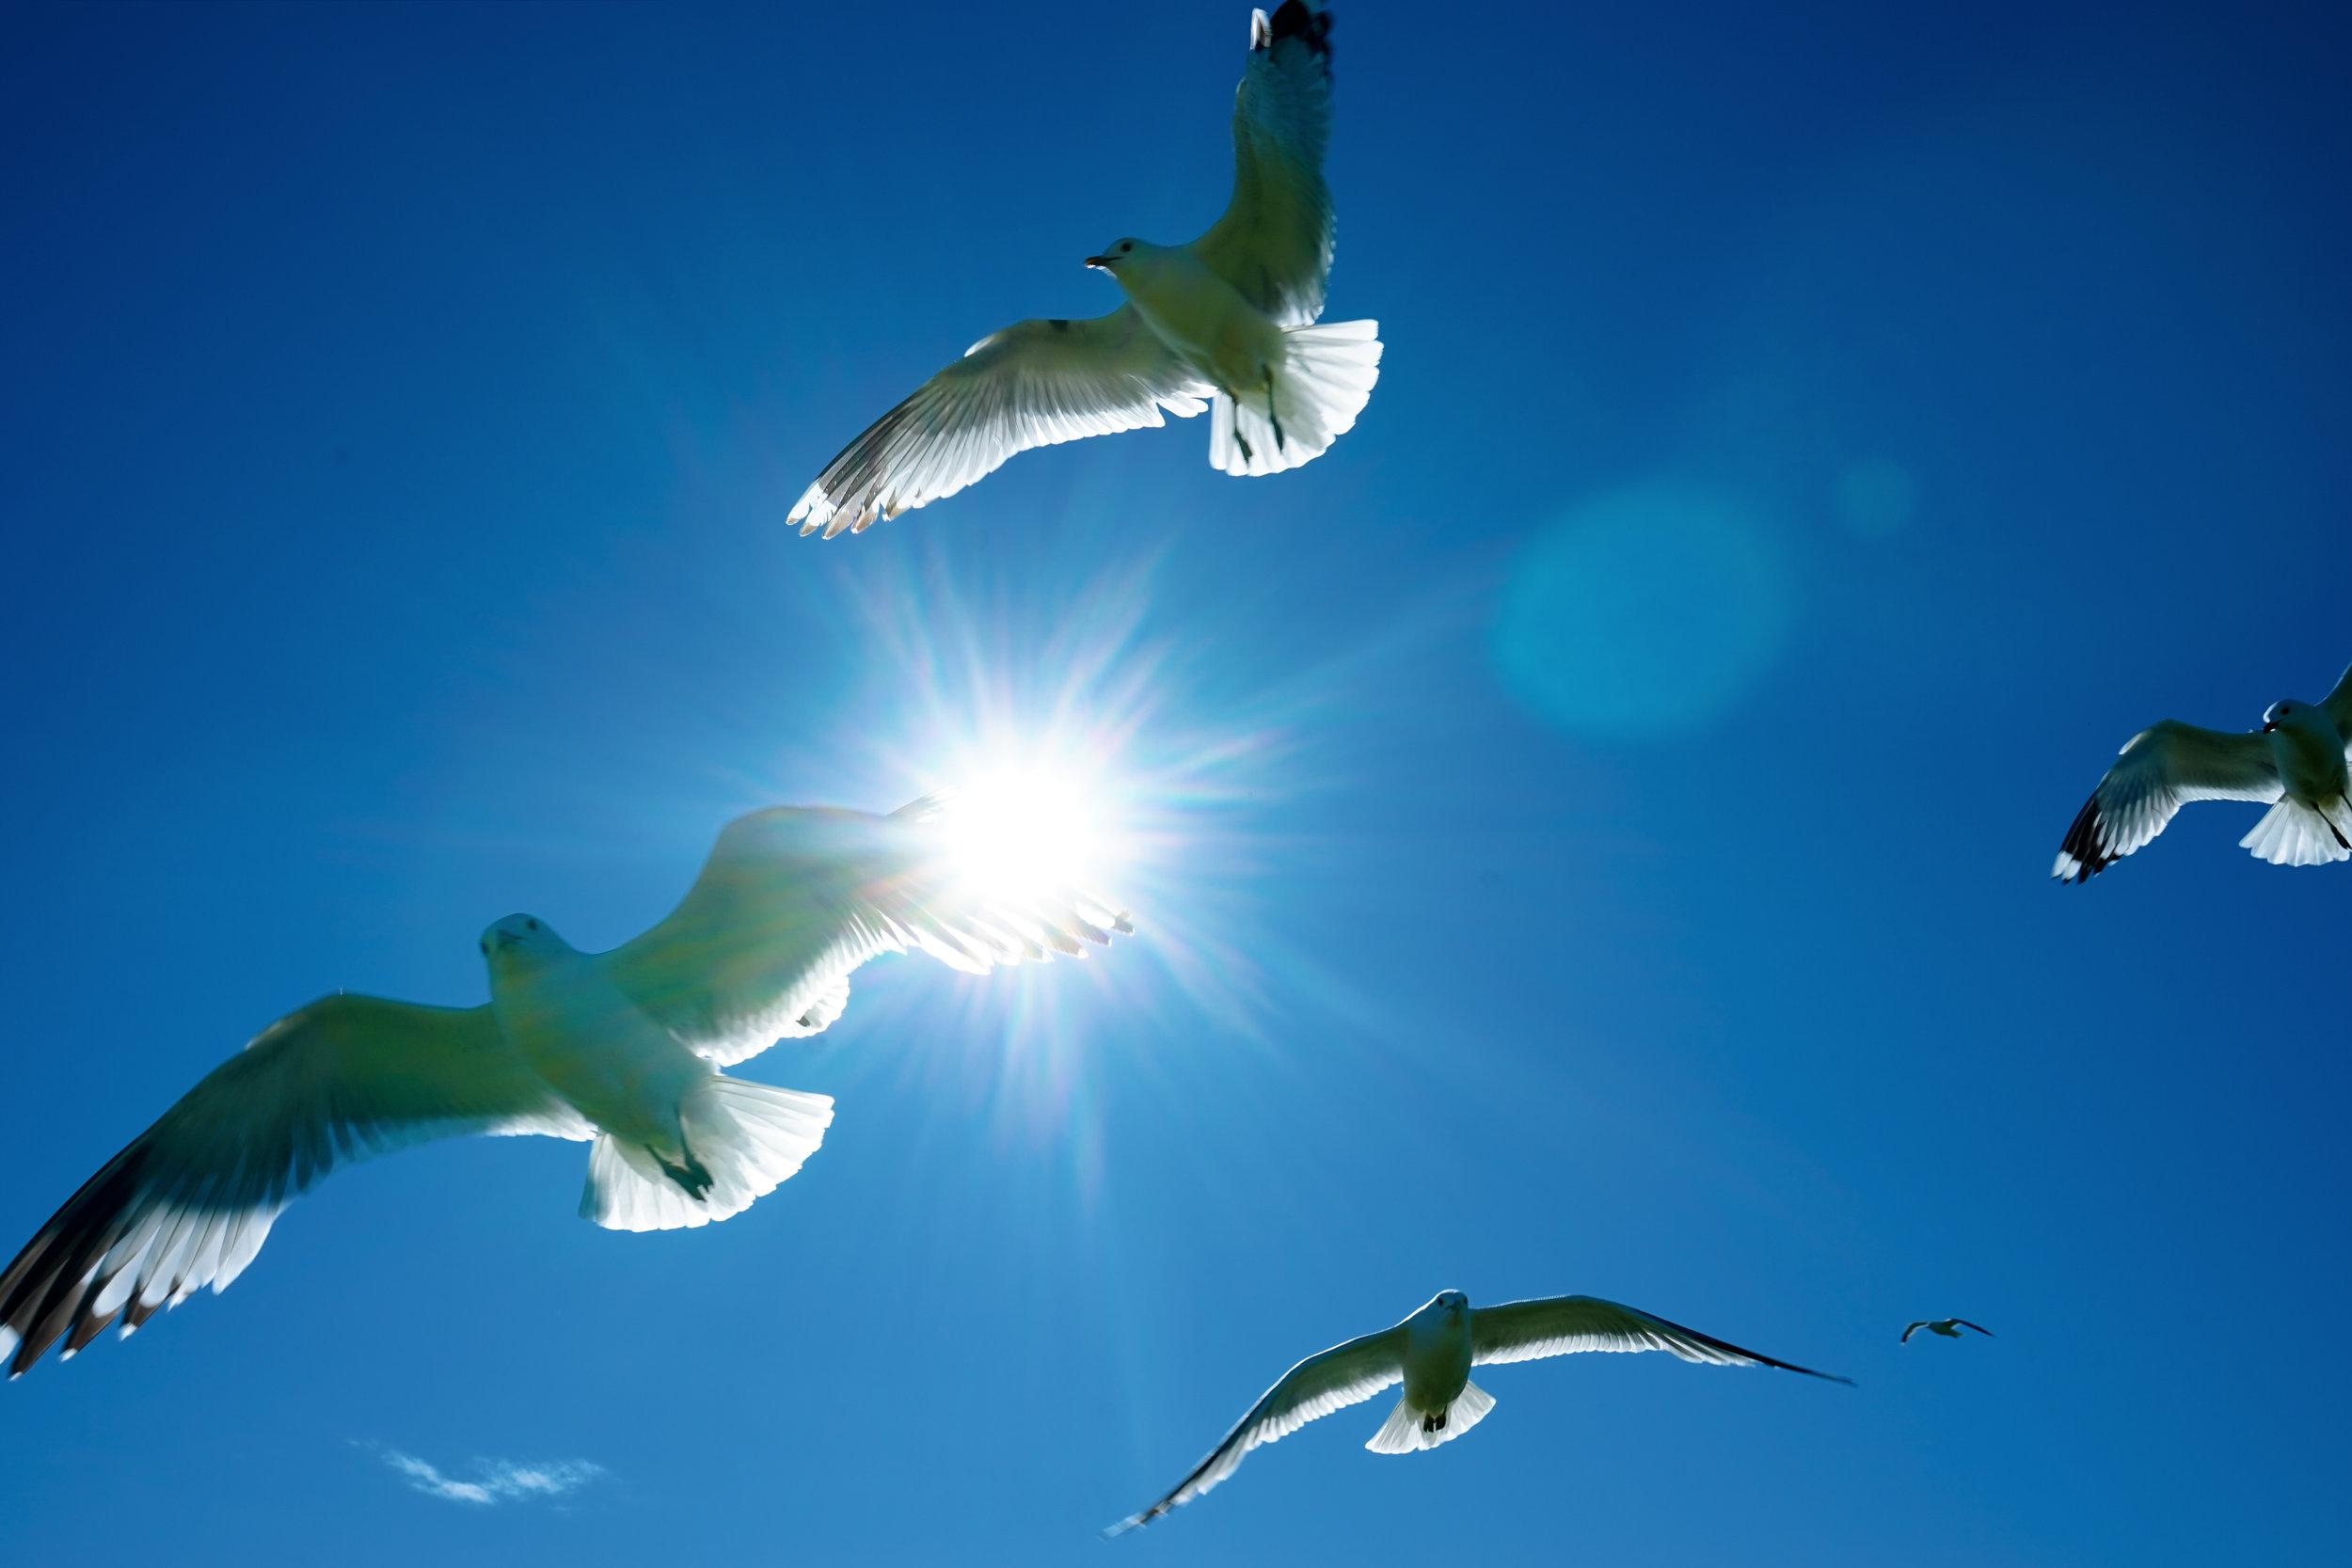 芬蘭堡四處都是海鷗自在飛翔的踪影。